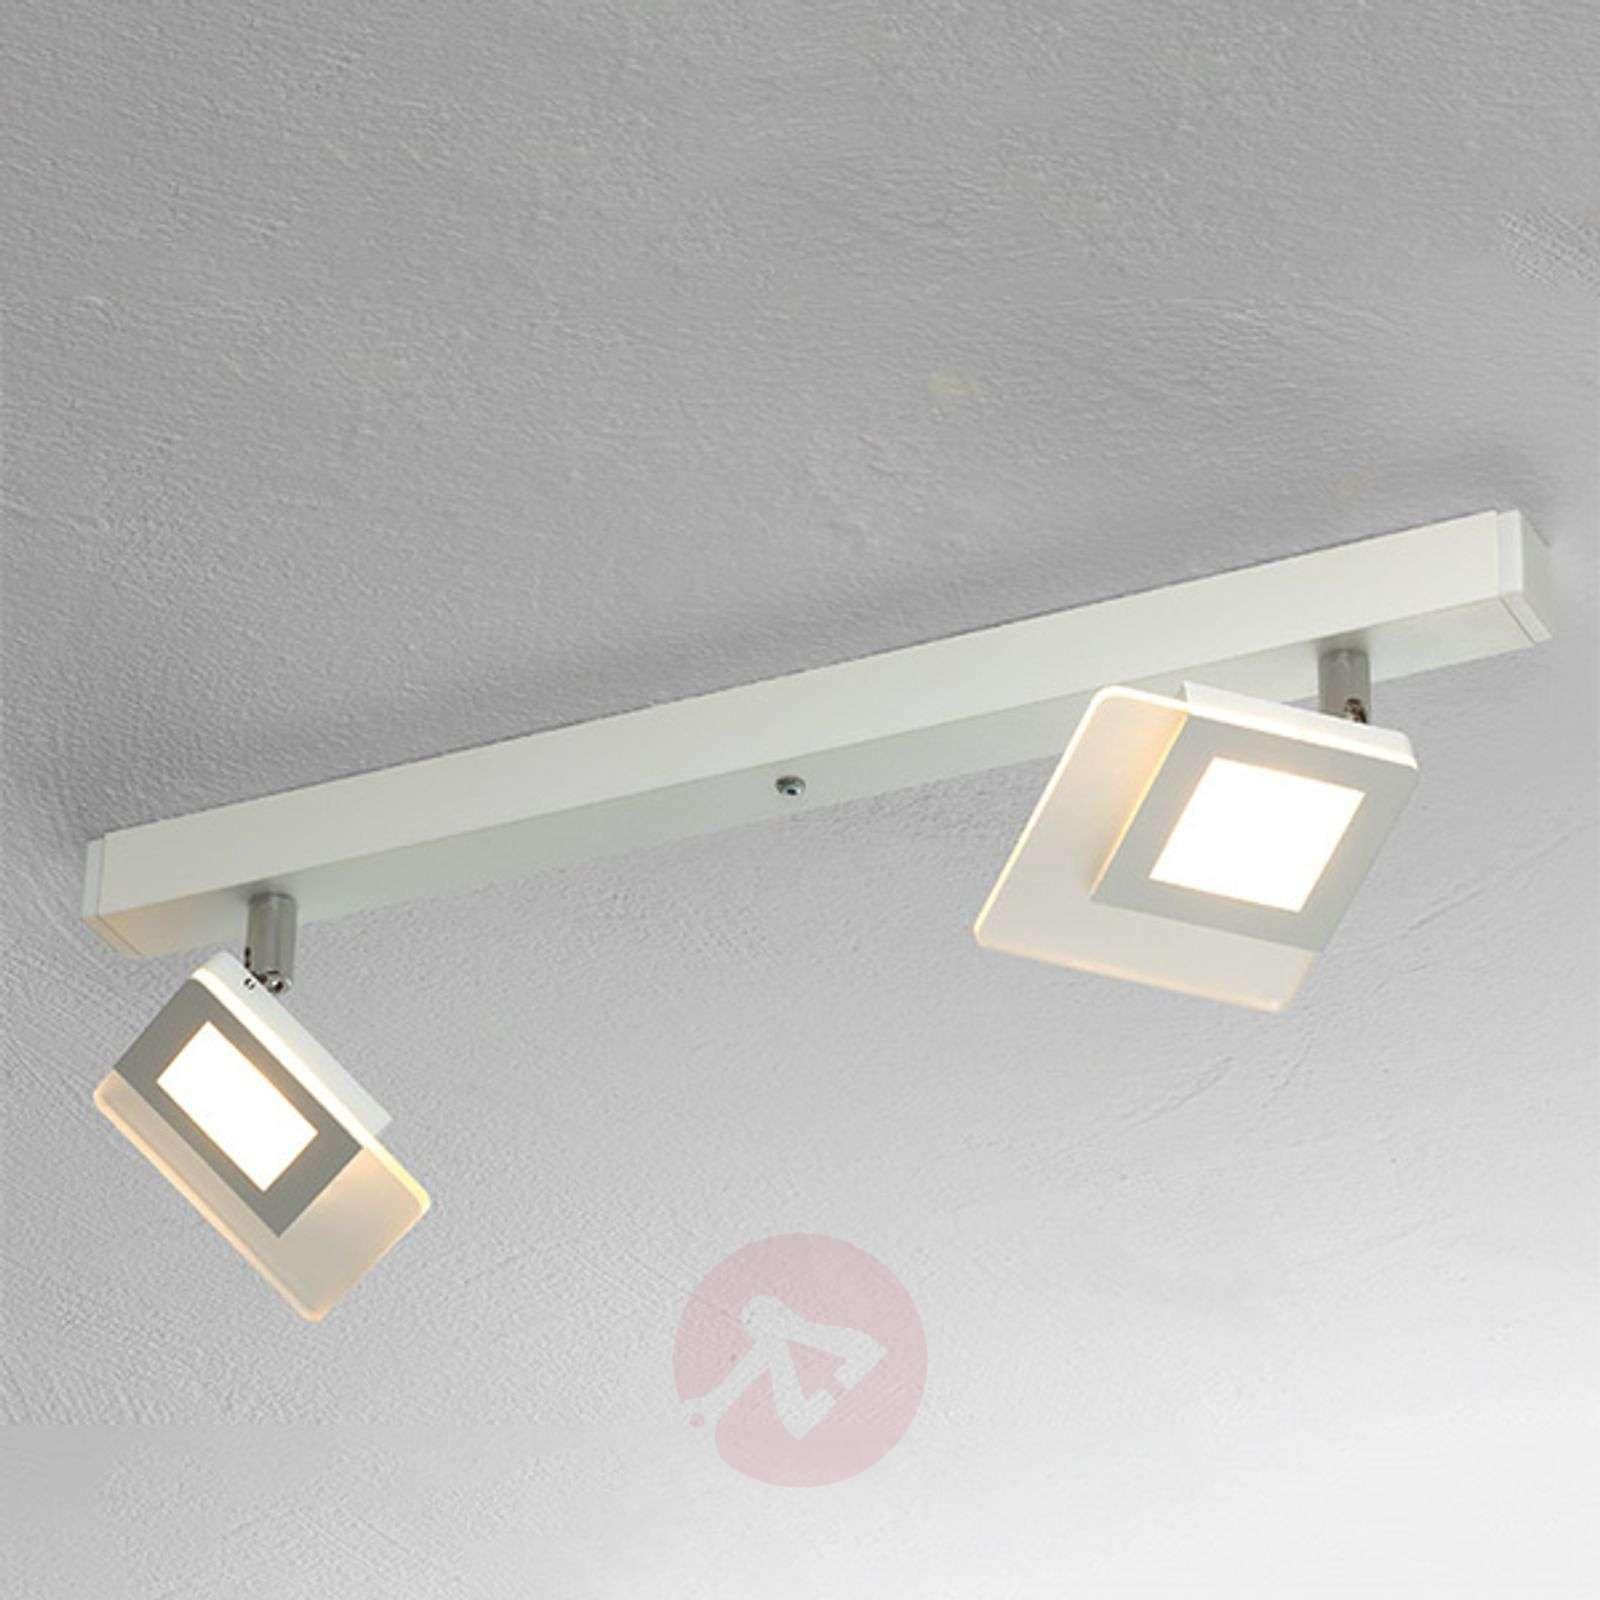 Kaunis LED-kattovalaisin Line valk. 2-lamppuinen-1556071-01